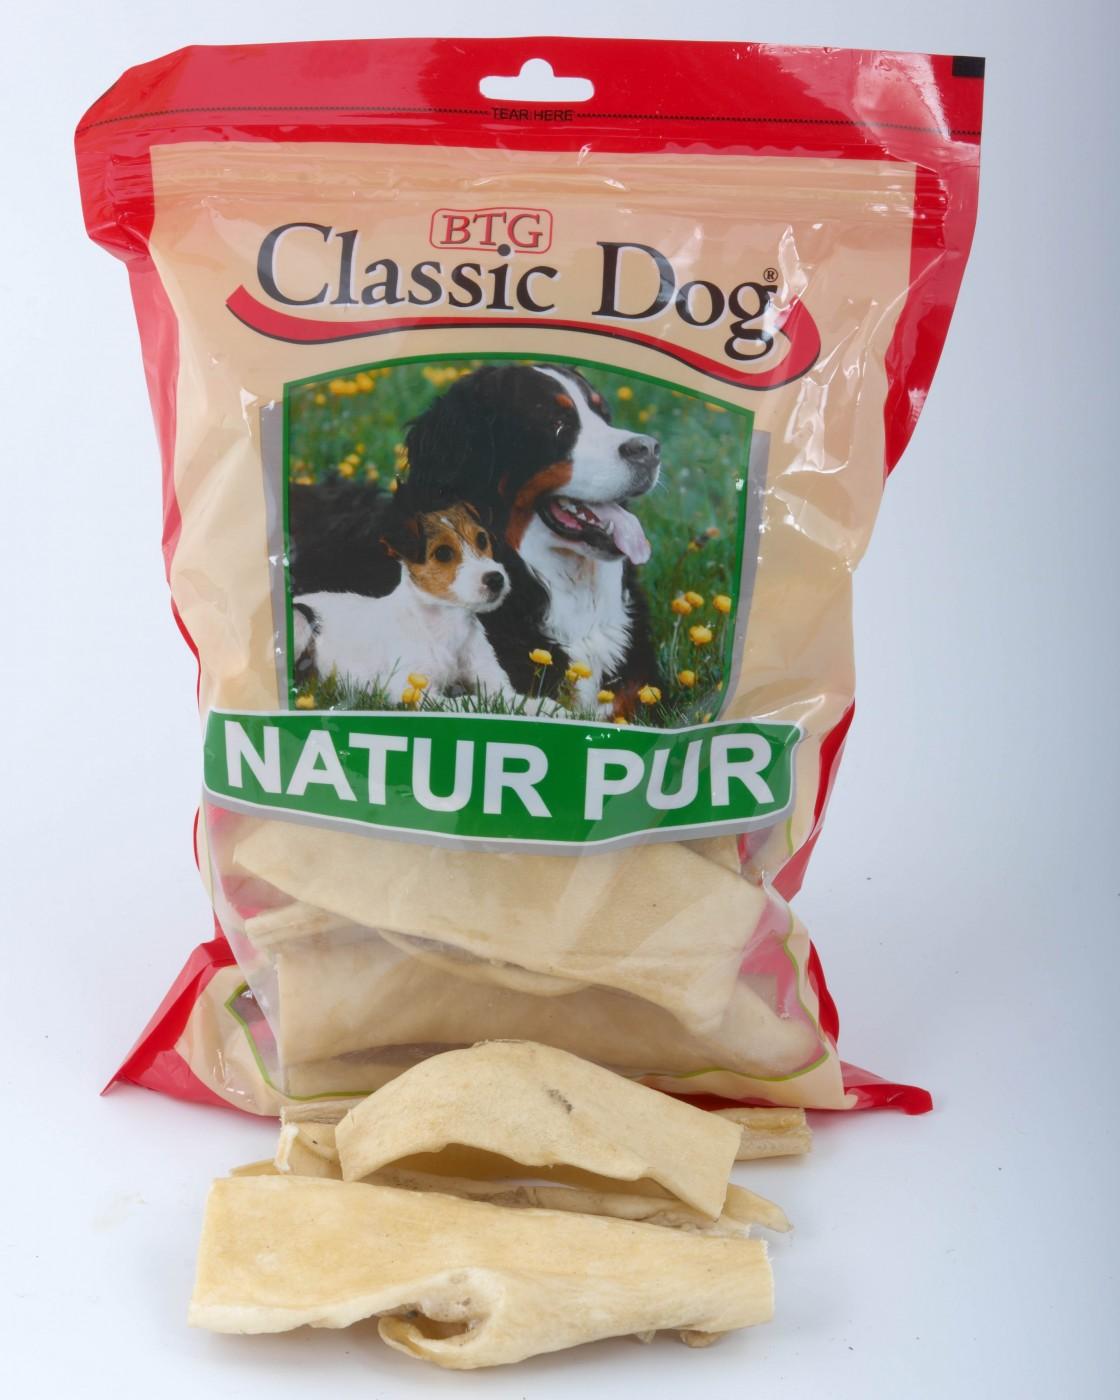 Classic Dog Rinderkopfhaut | 250g Hundesnack Trockenfleisch